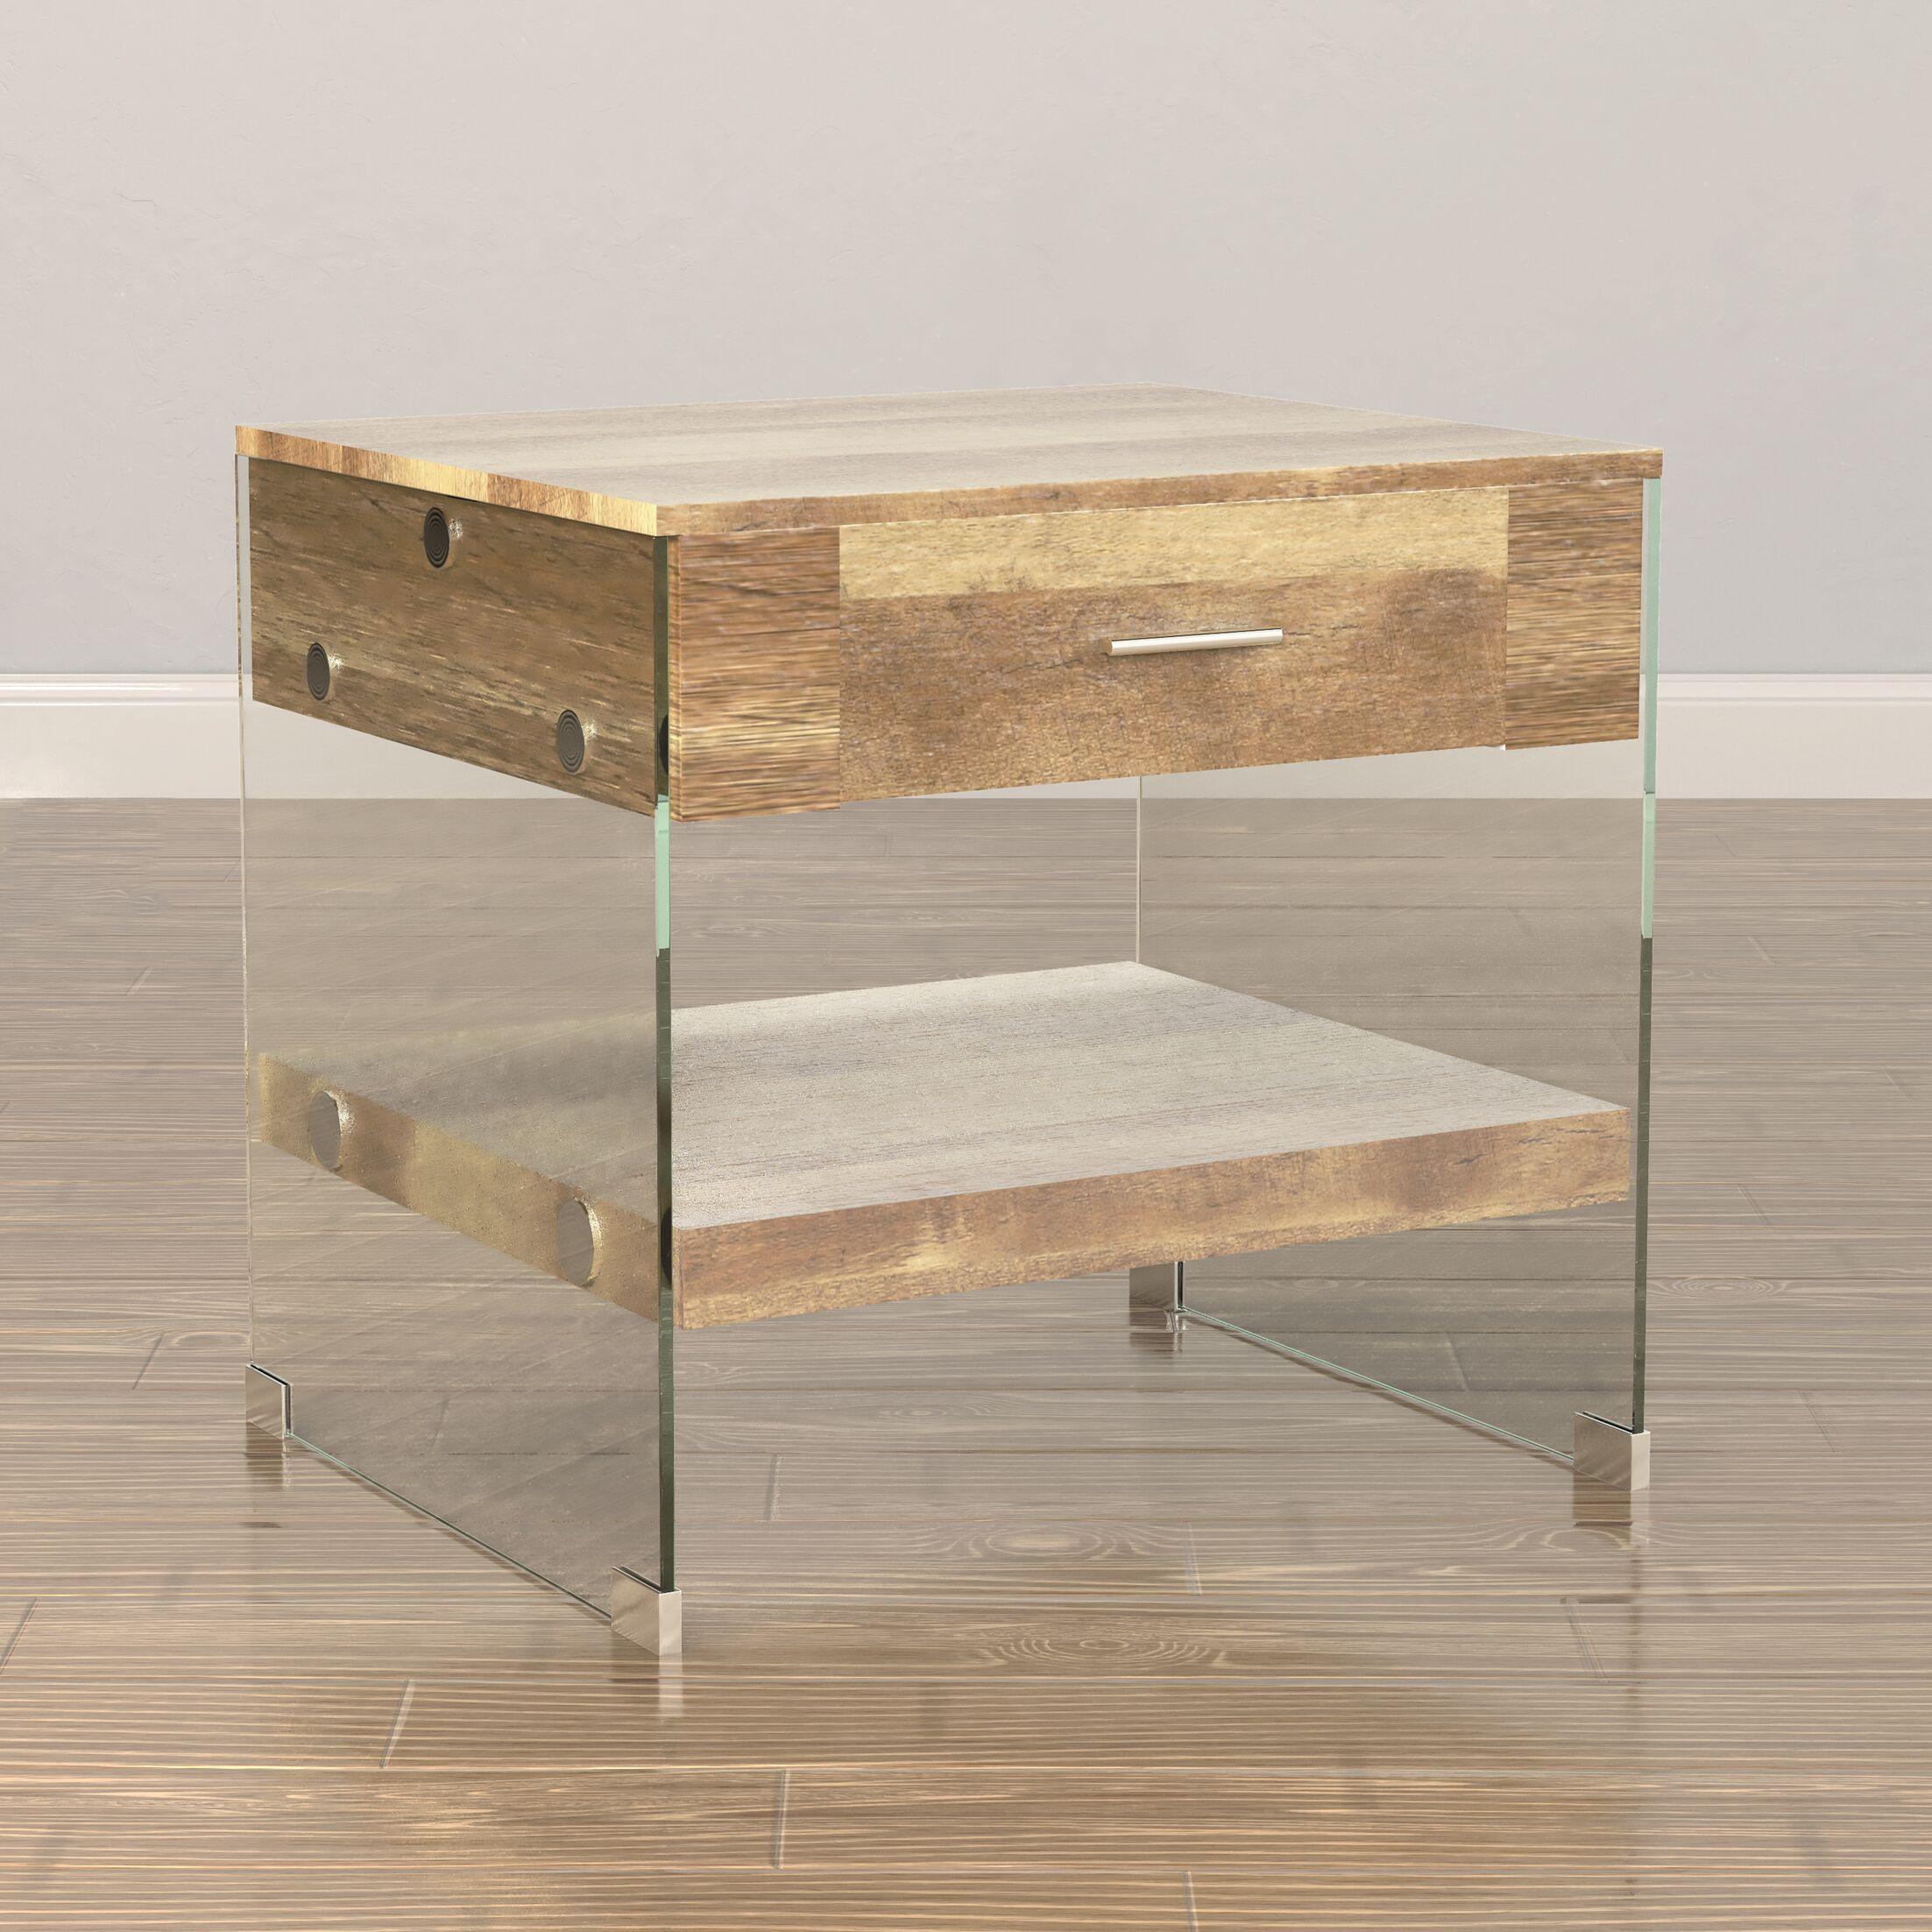 Guero Contemporary End Table Color: Rustic Brown